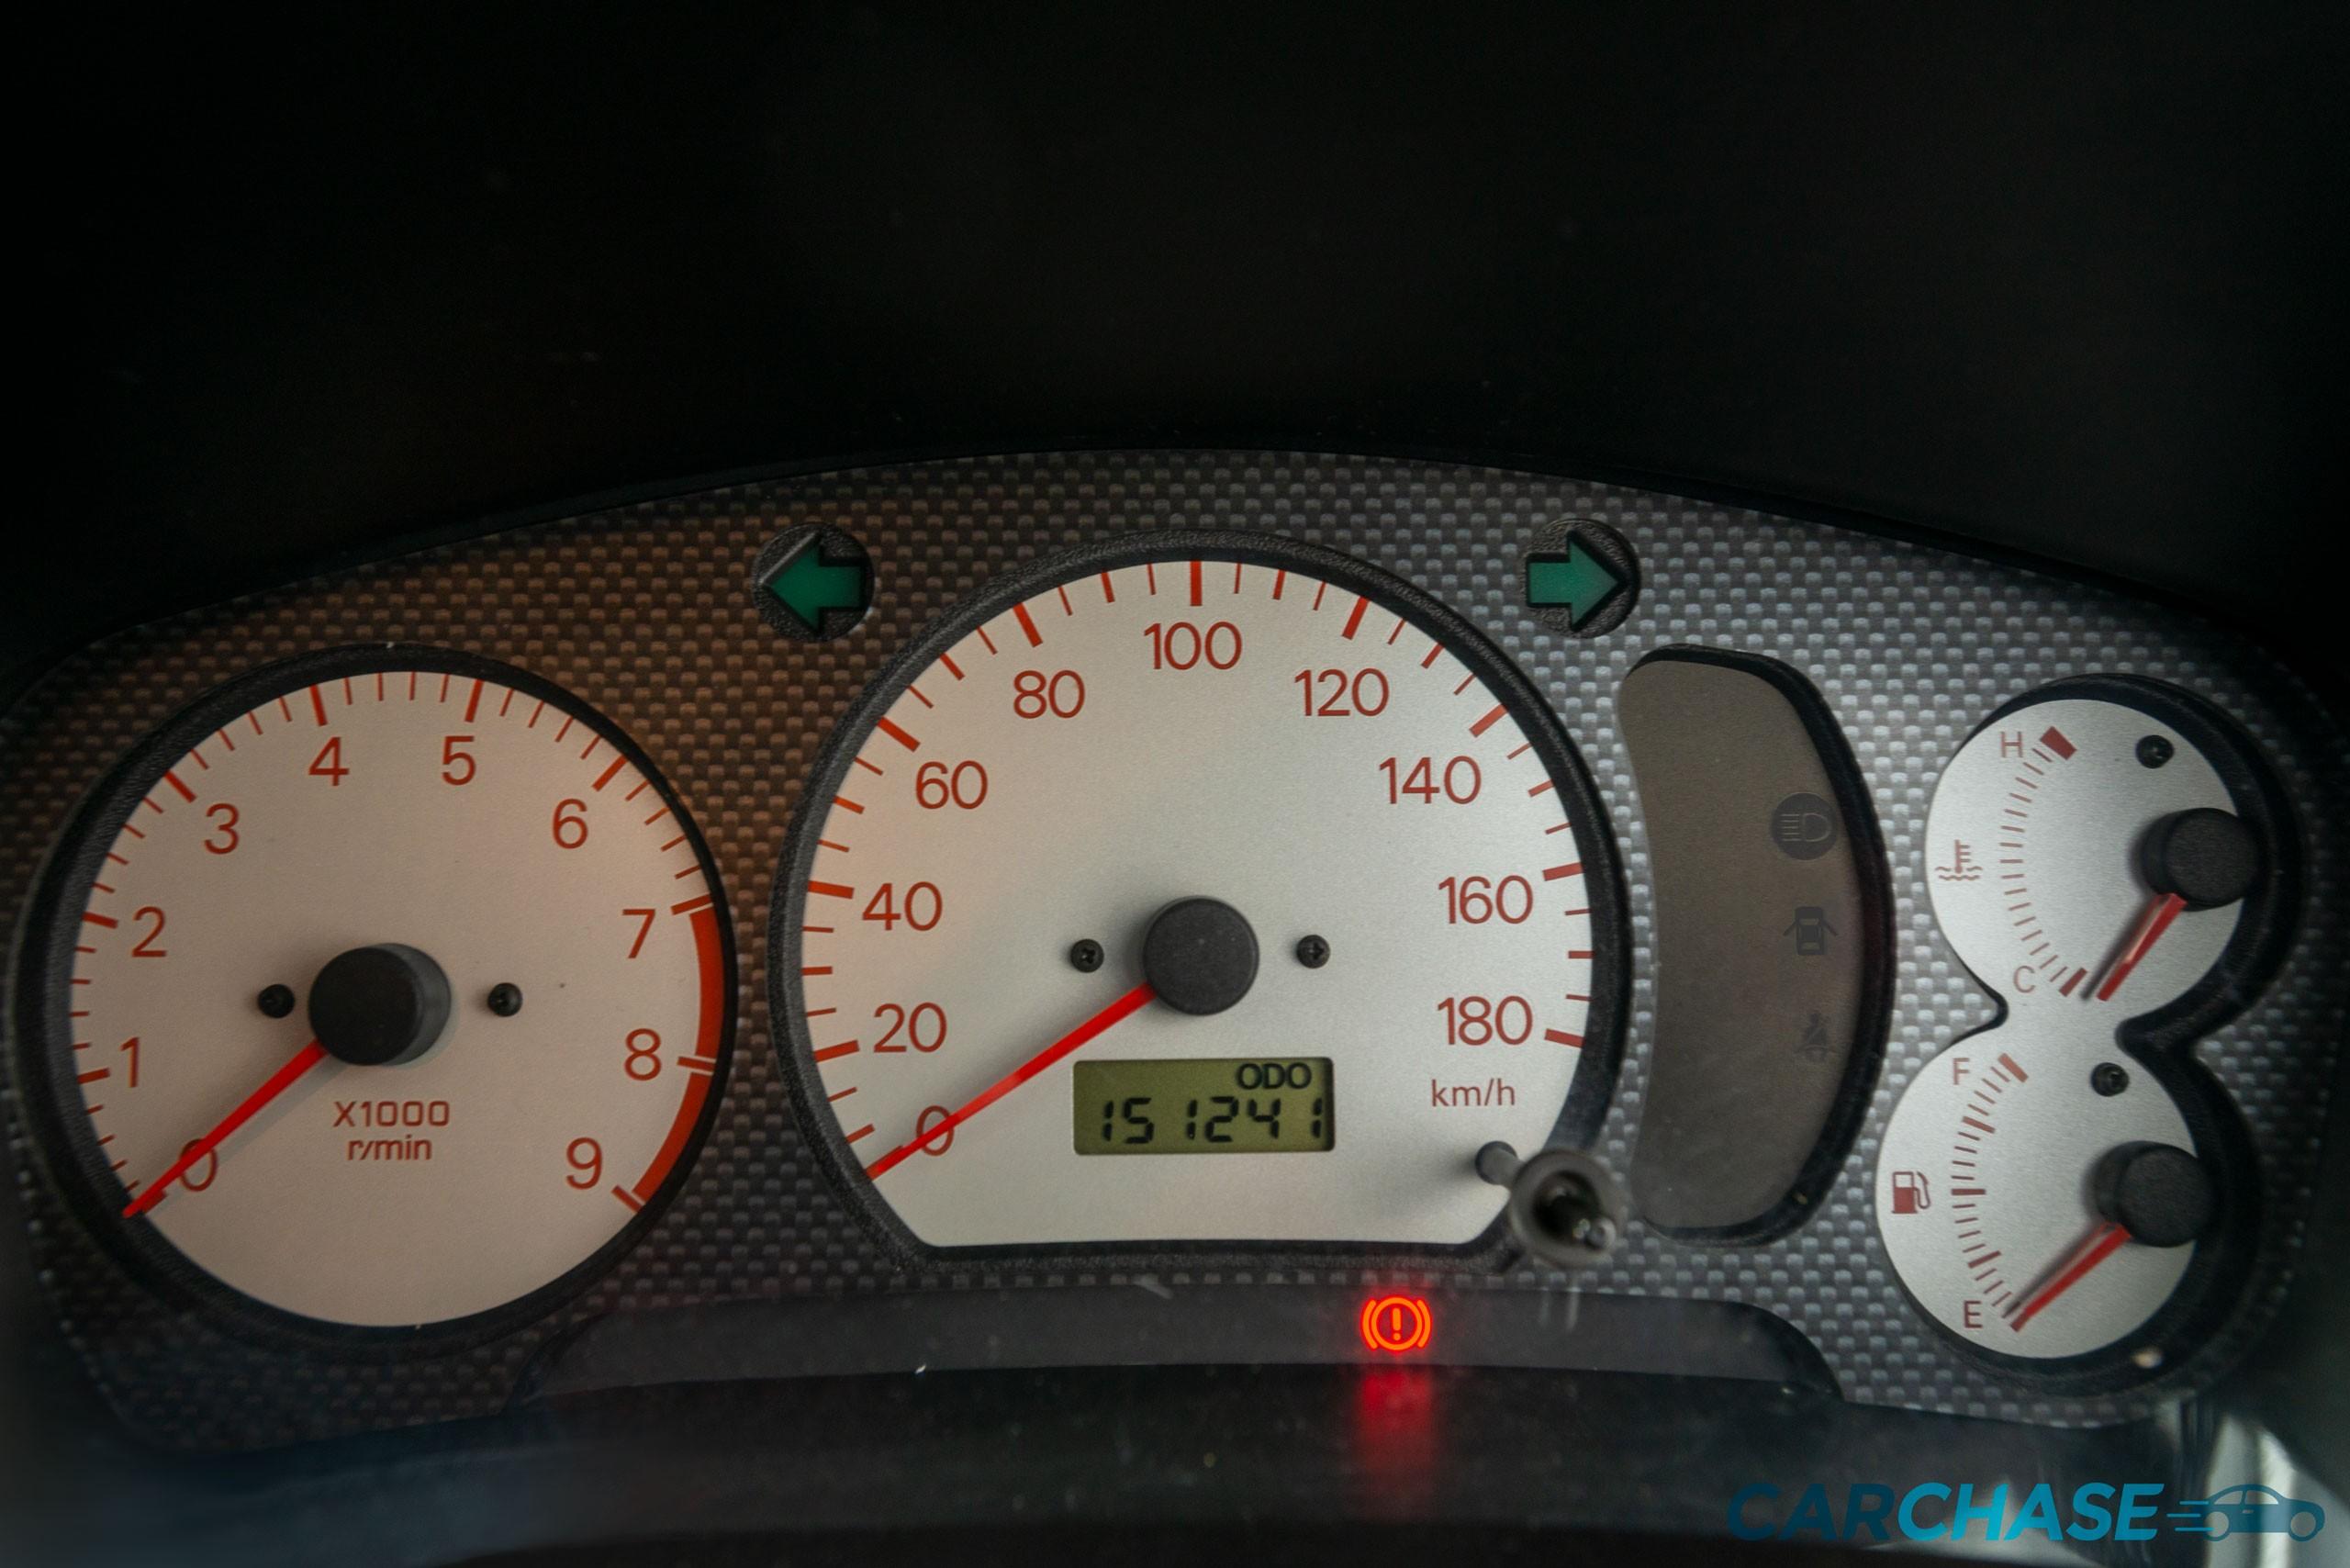 Image of dials profile of 1998 Mitsubishi Lancer Evolution V